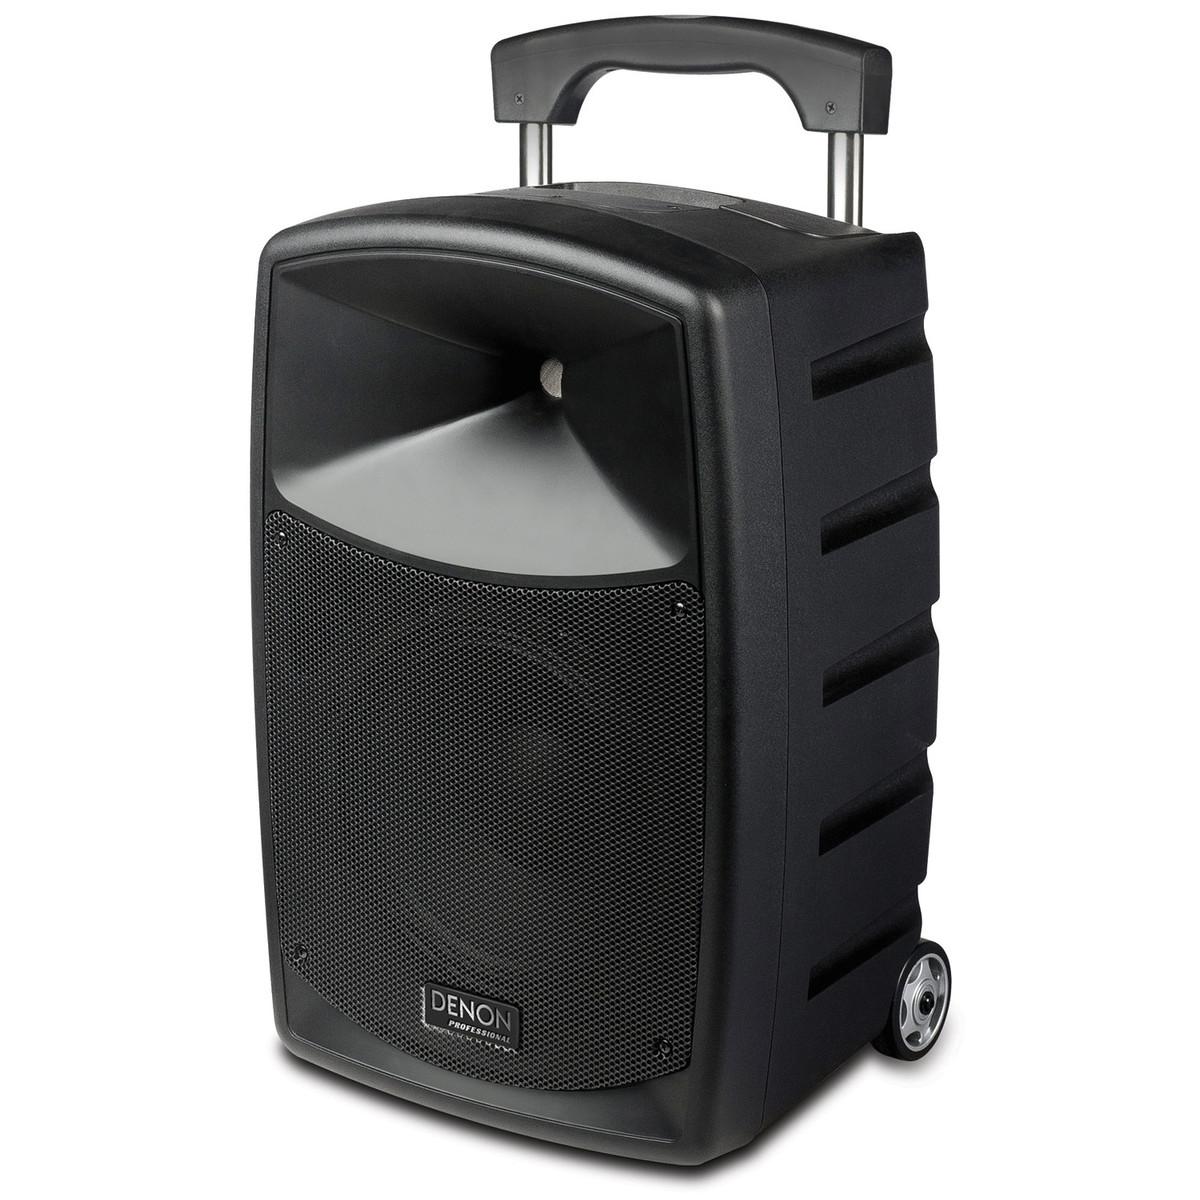 Denon Envoi Portable Battery Powered Speaker System At